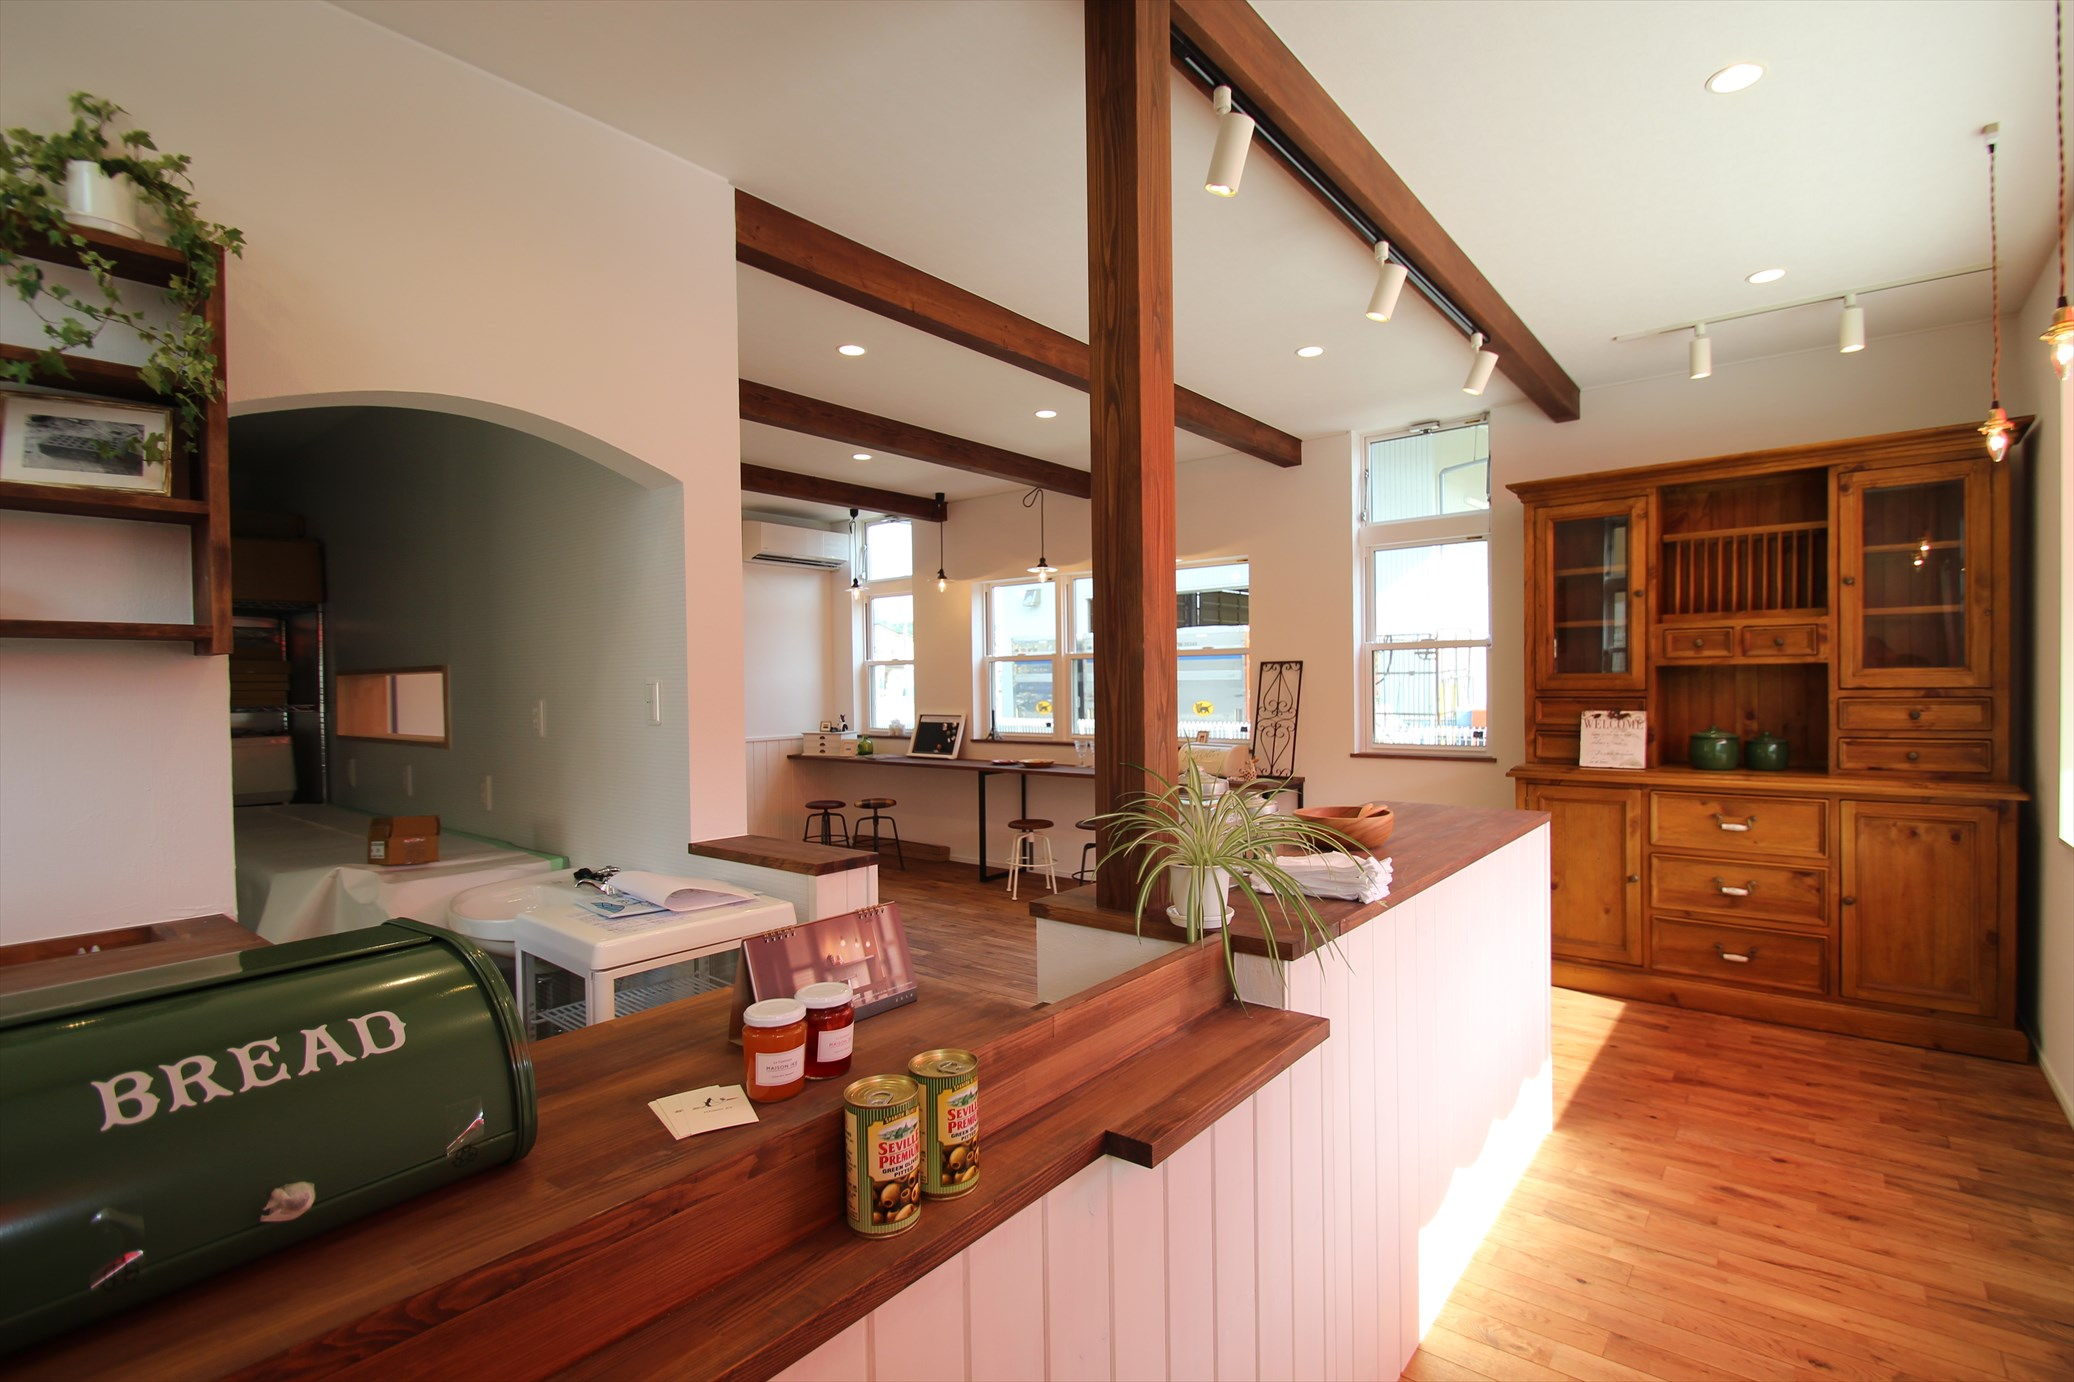 ヨーロピアンなかわいいカフェのある家